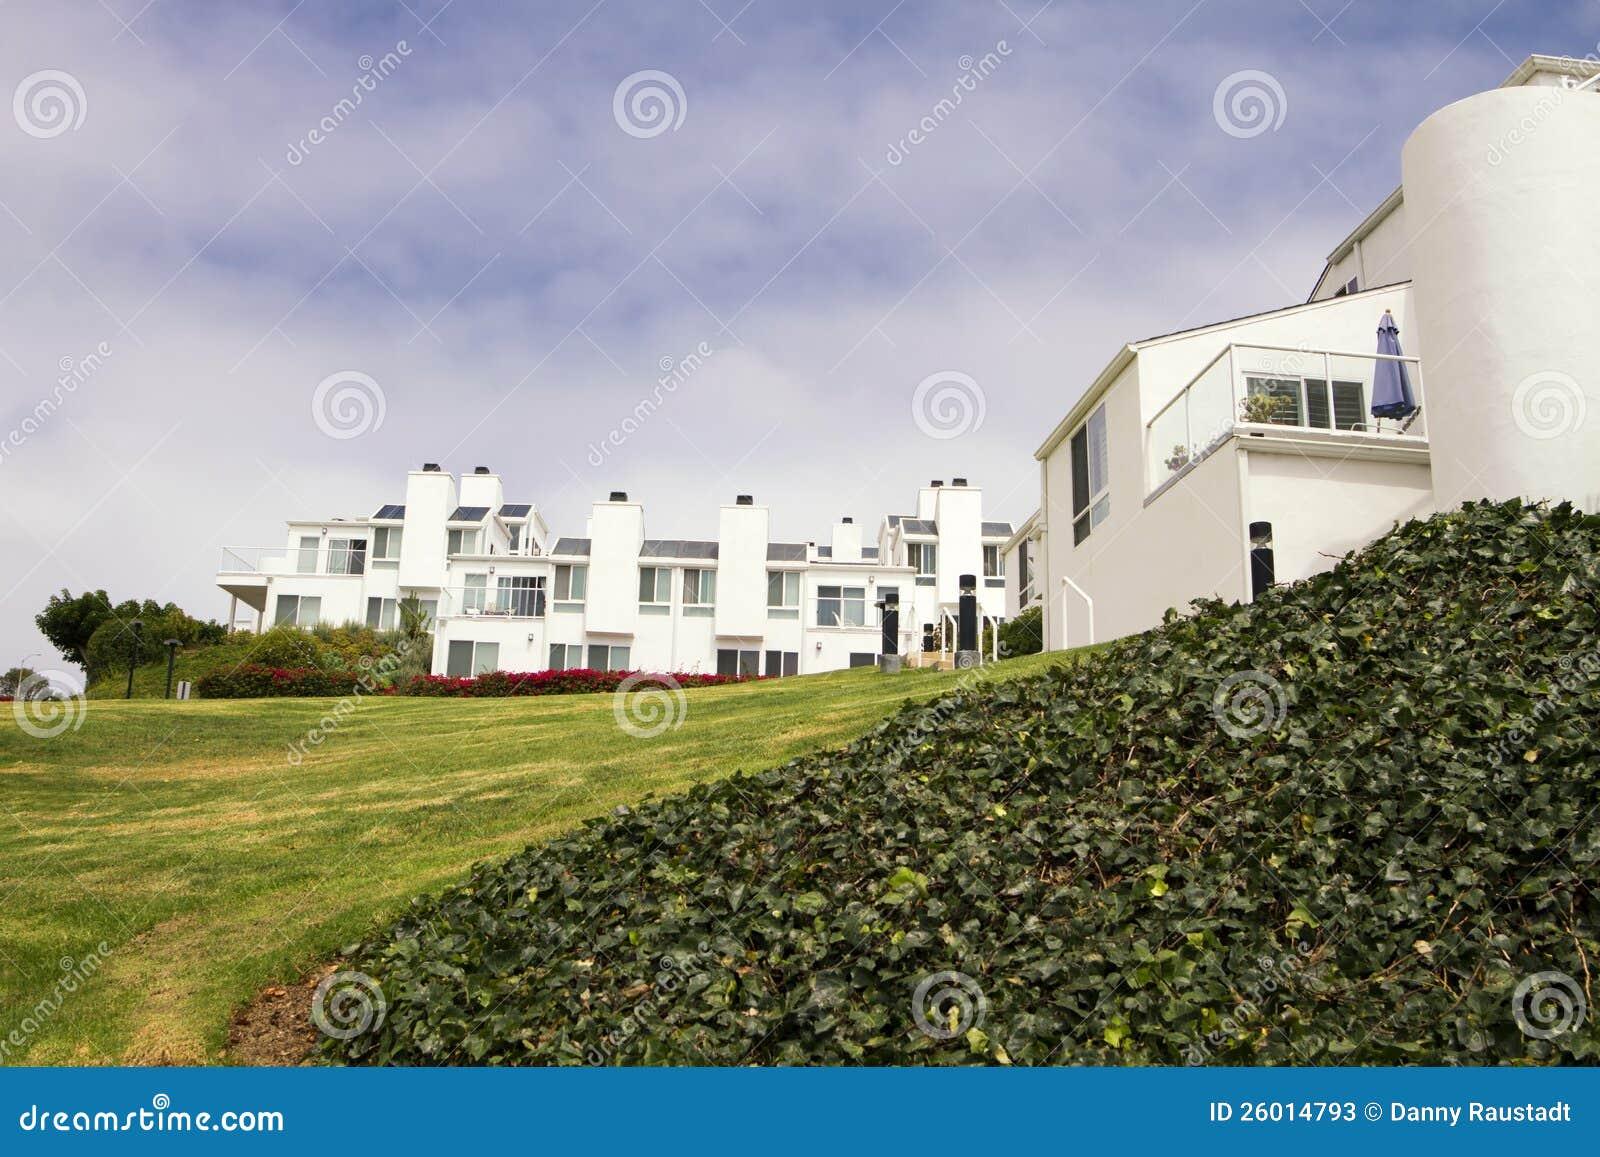 Casas blancas modernas en una colina en california fotos - Casas blancas modernas ...